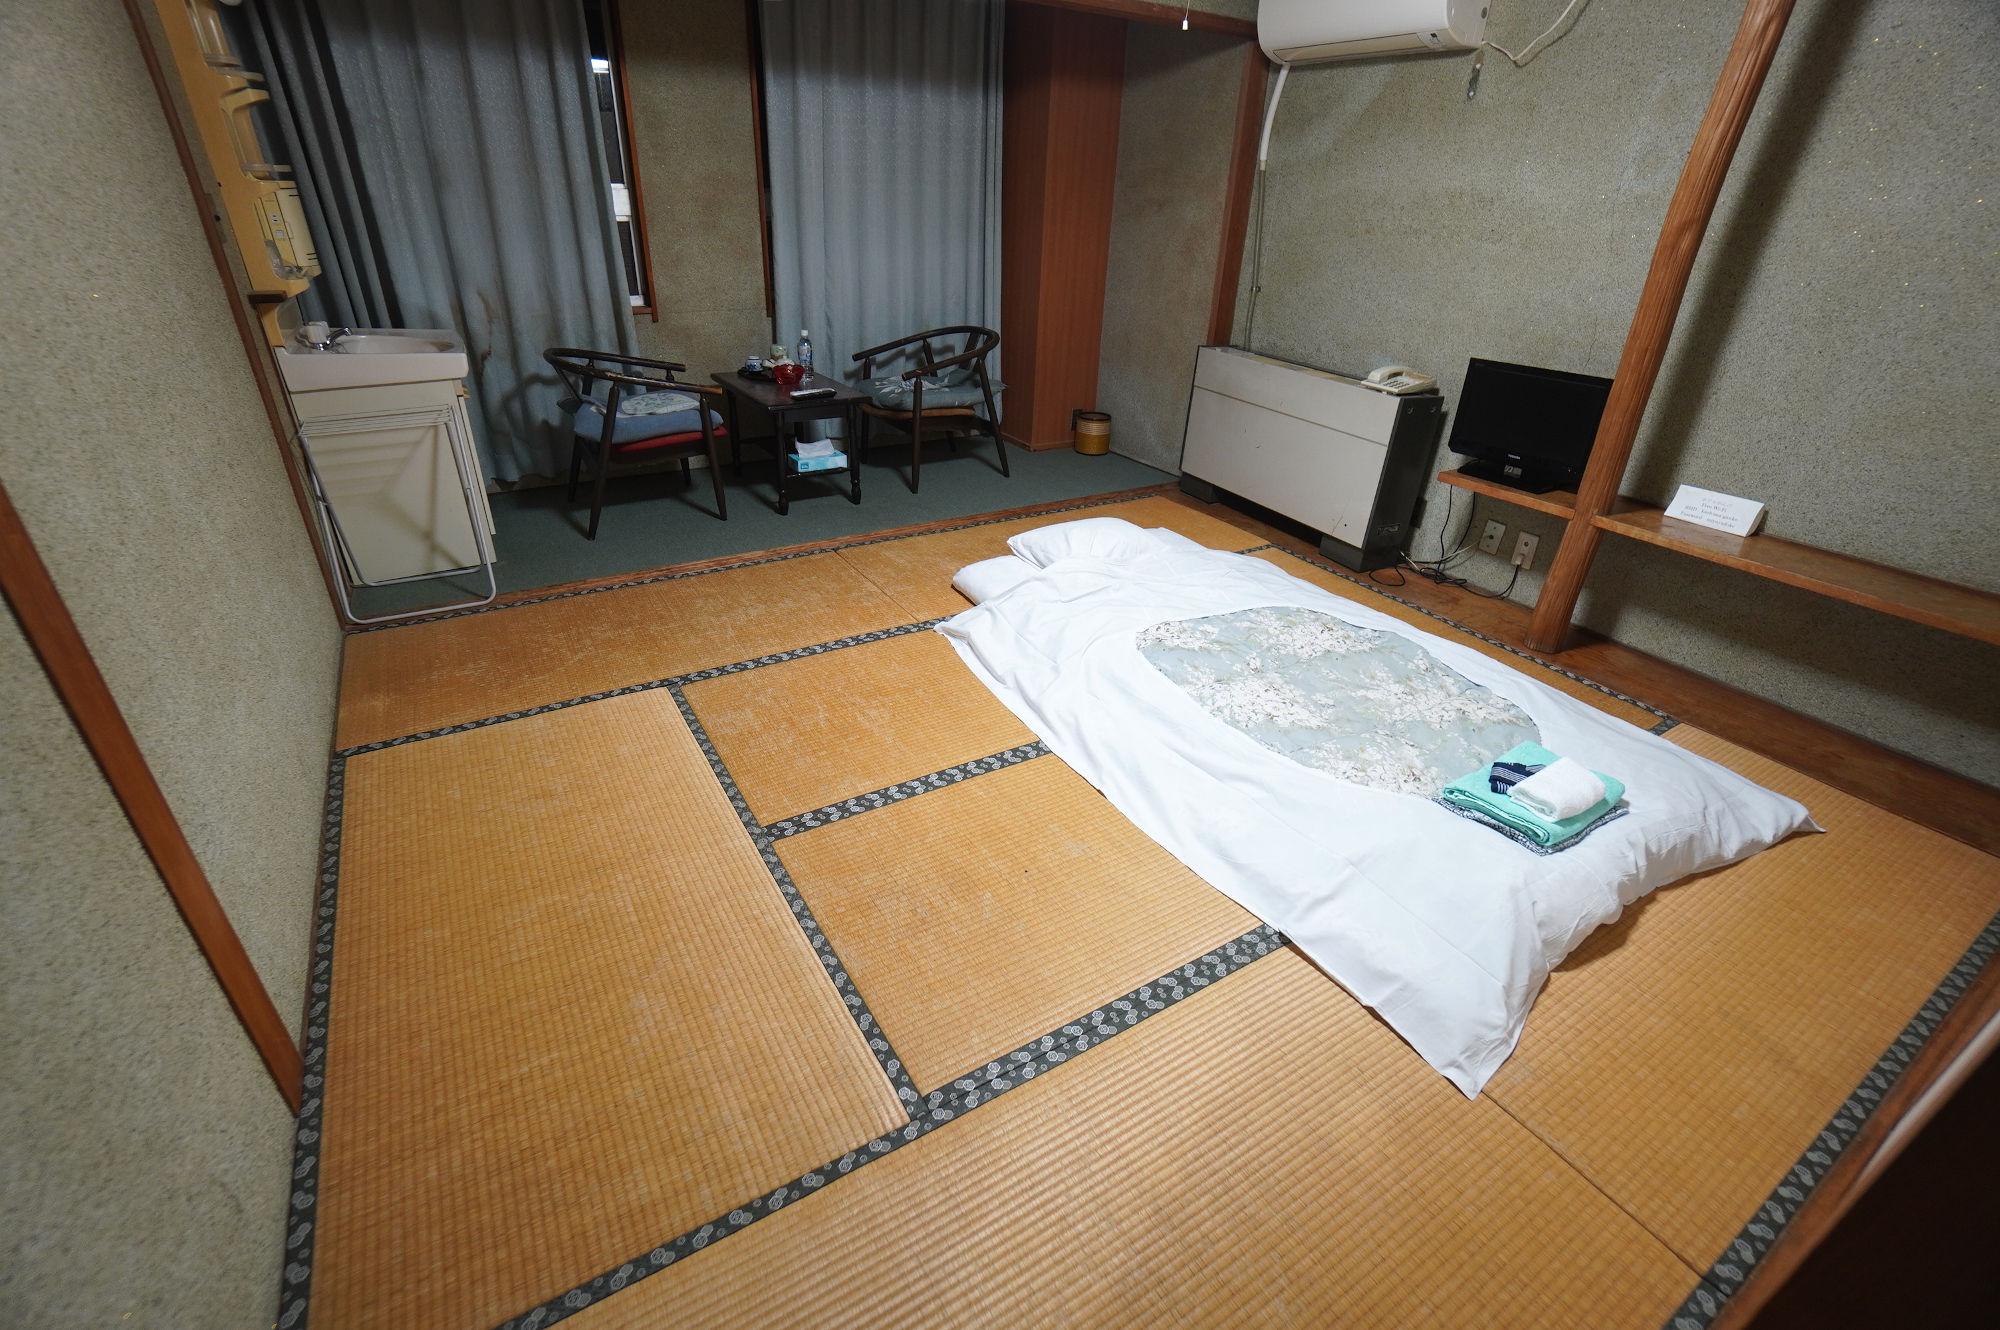 ホテル「がんけ」の部屋